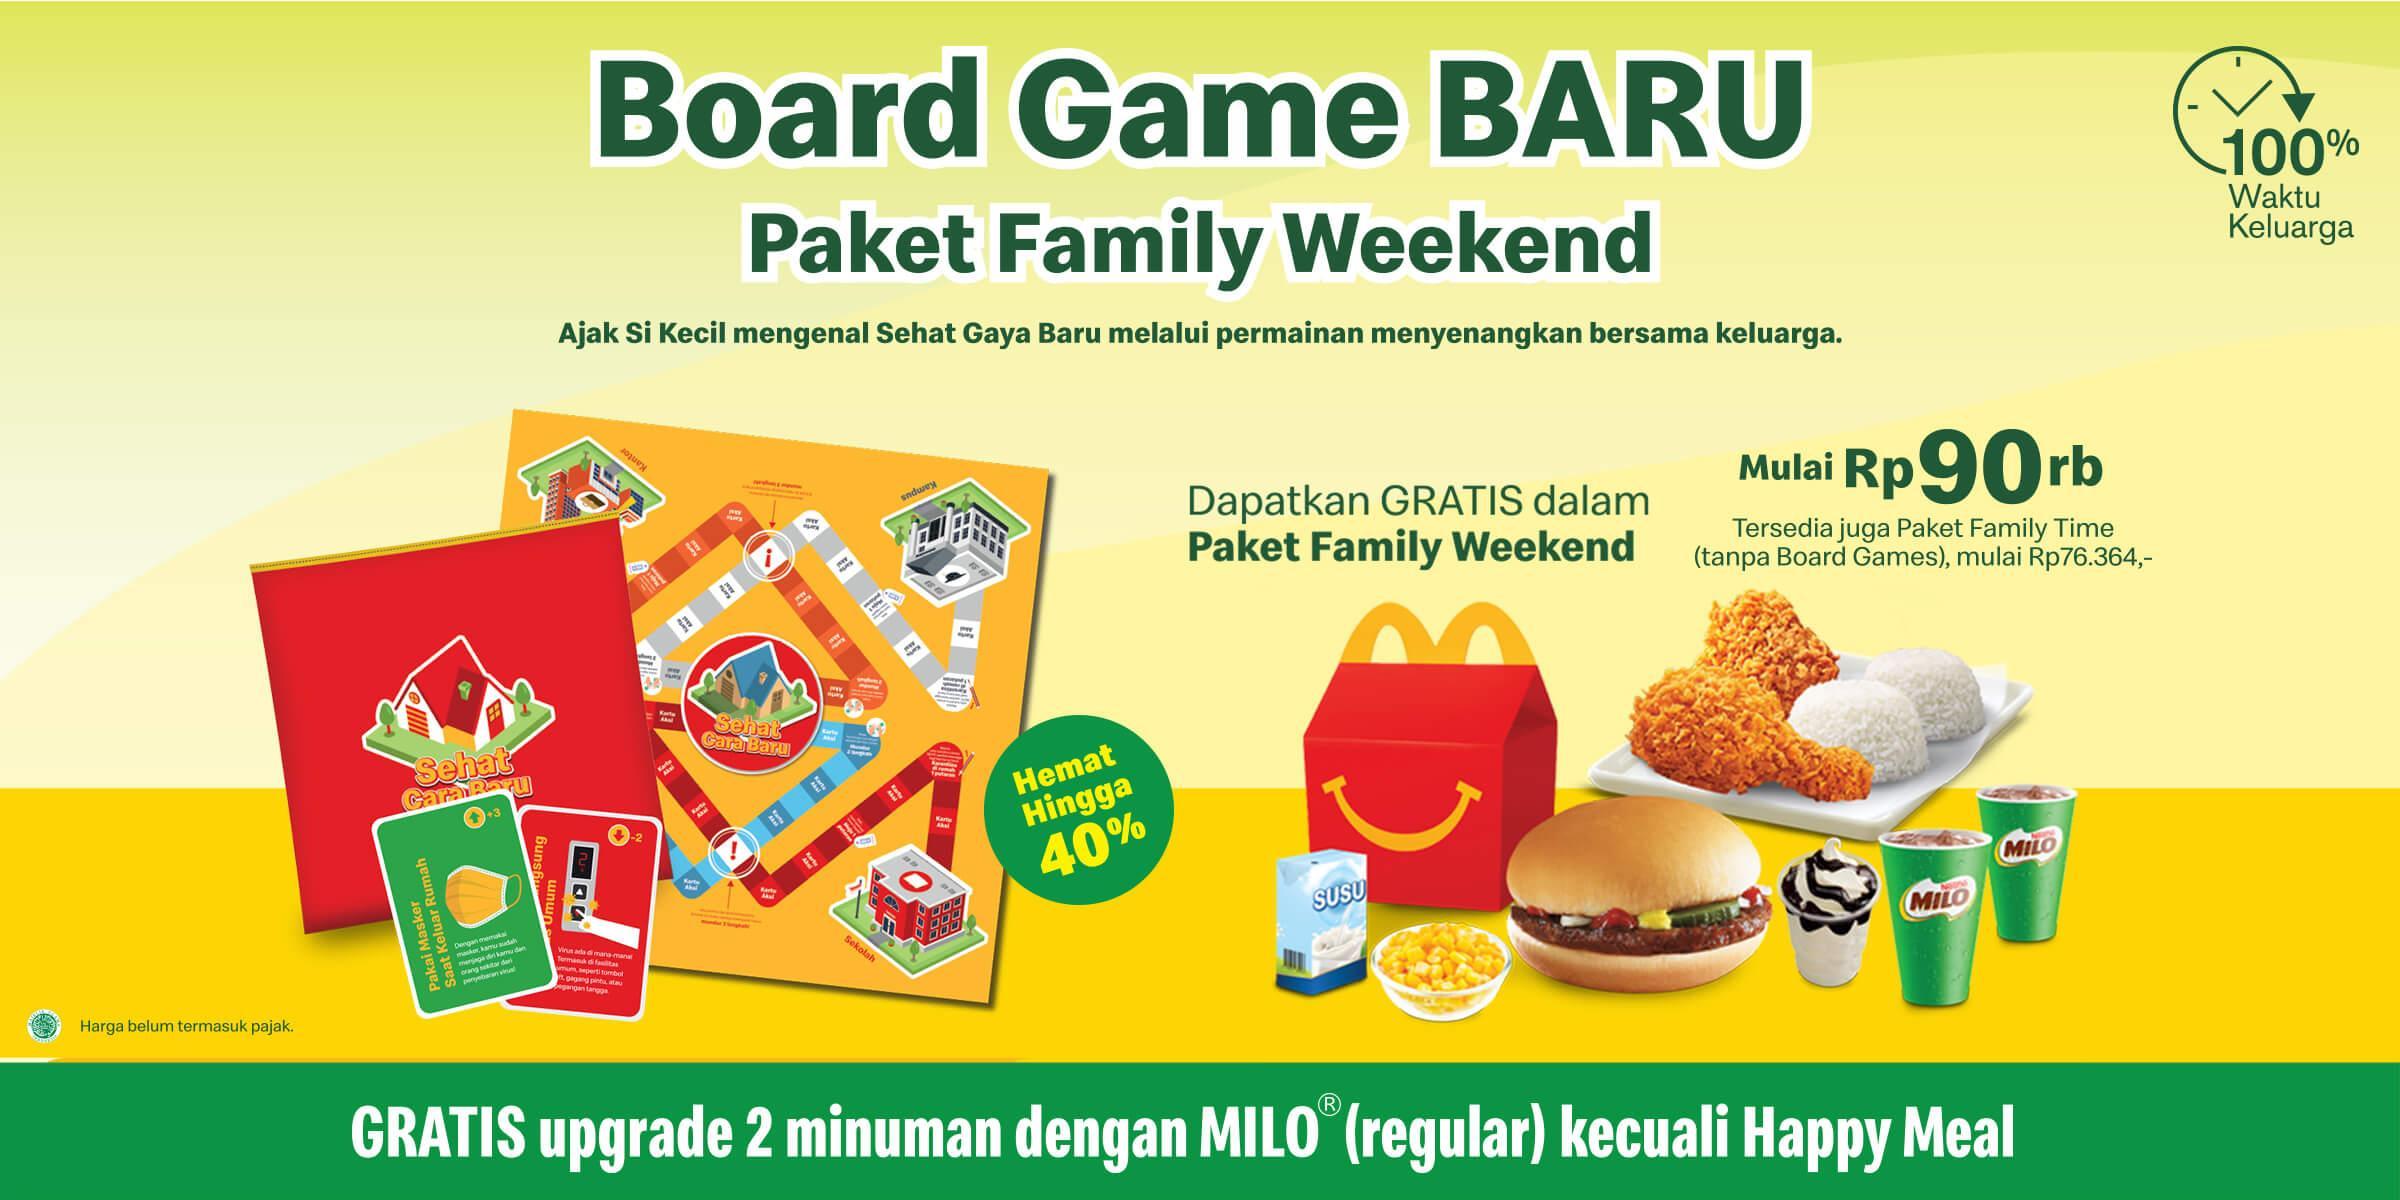 Bonus board games dan diskon 40% dari paket Family Meals McD